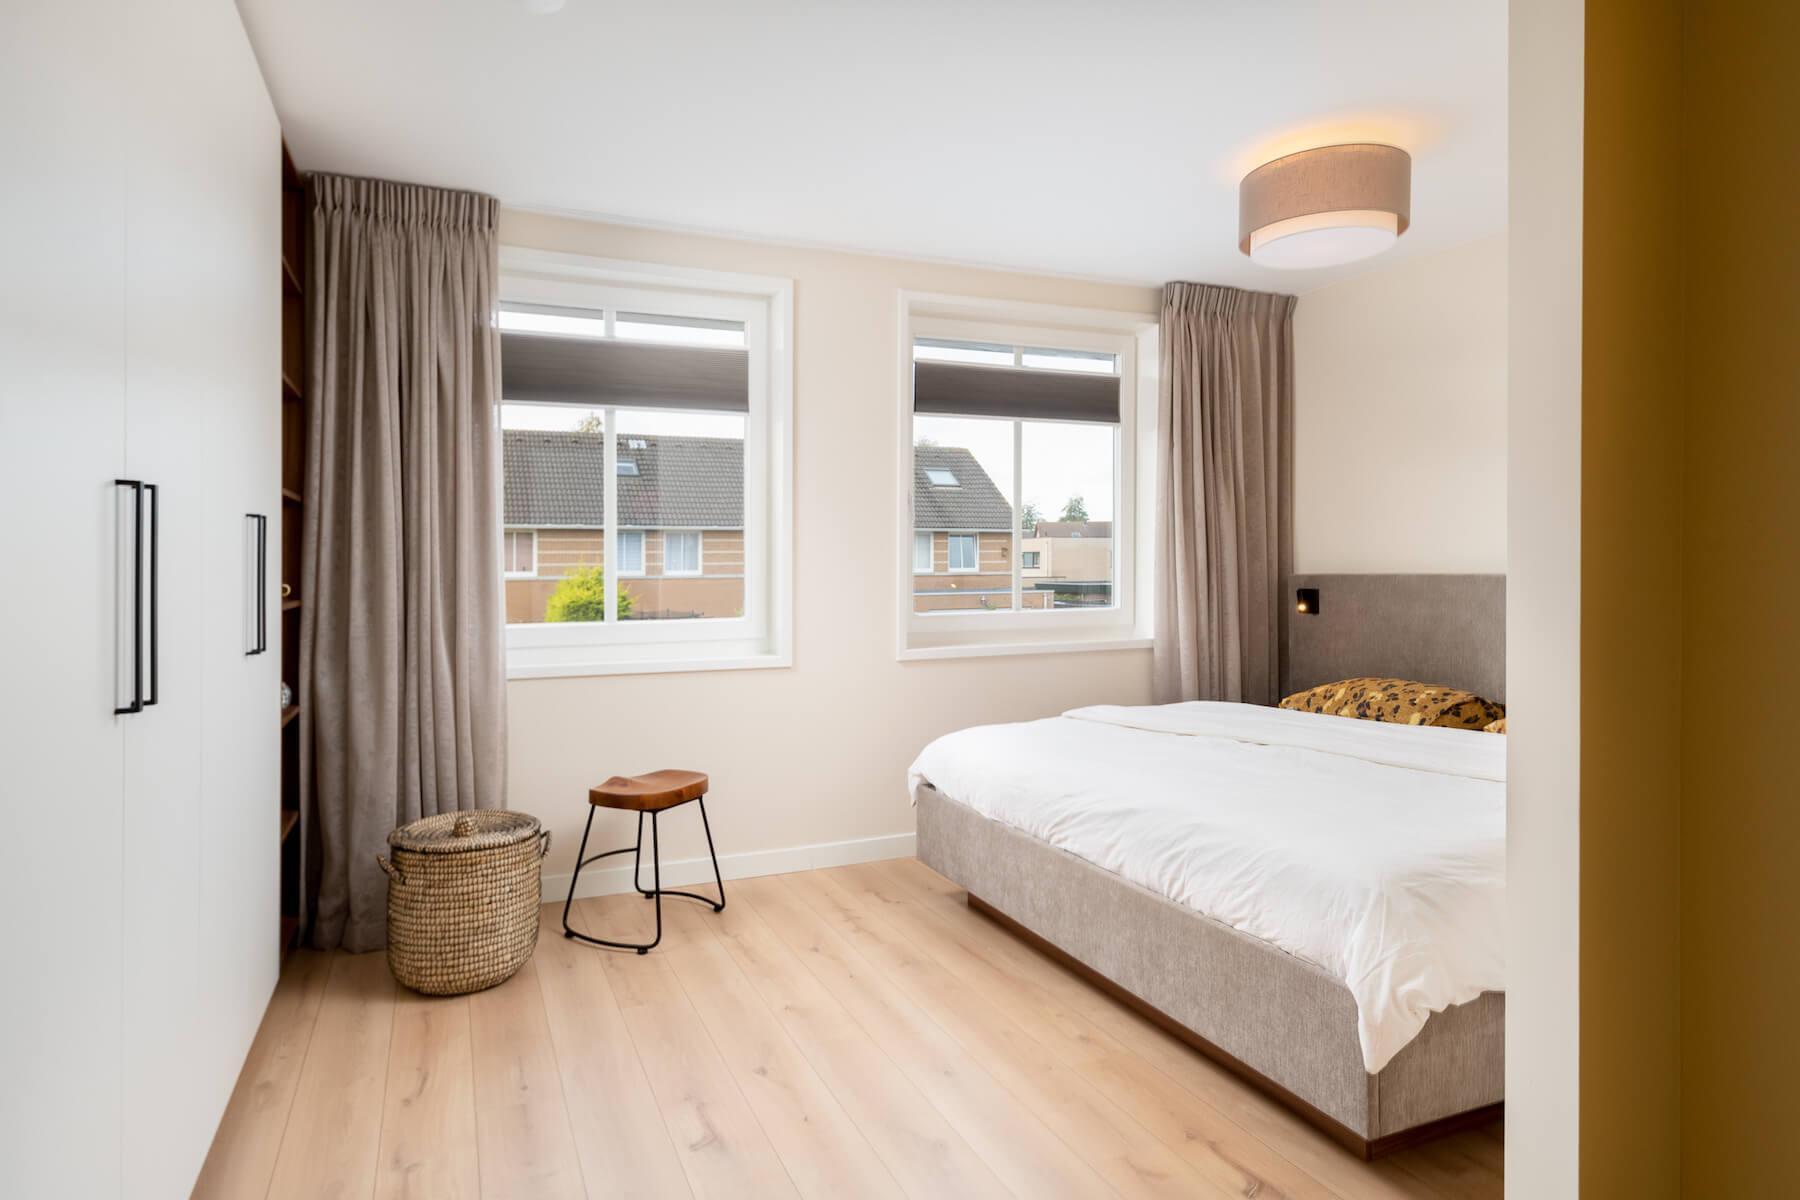 Photo of De slaapkamer van nu!